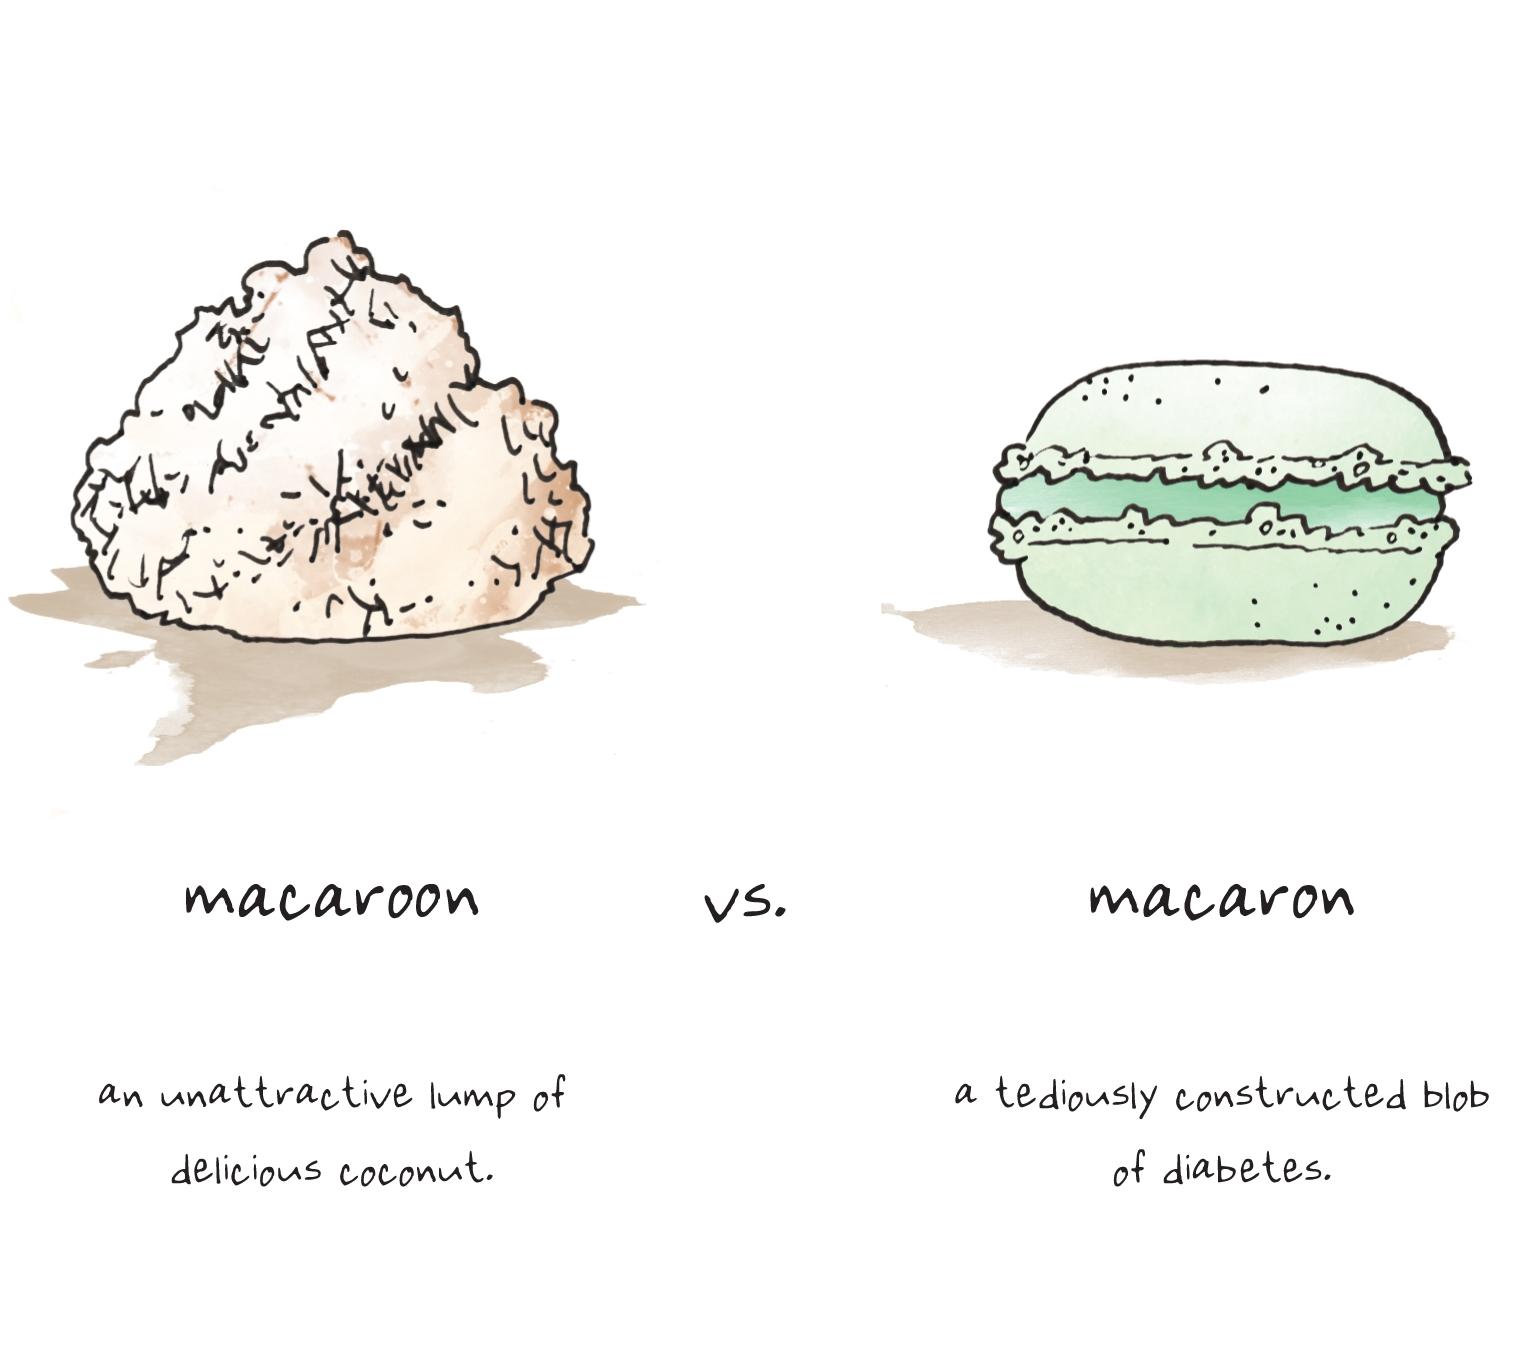 macaroon-vs-macarn.jpg